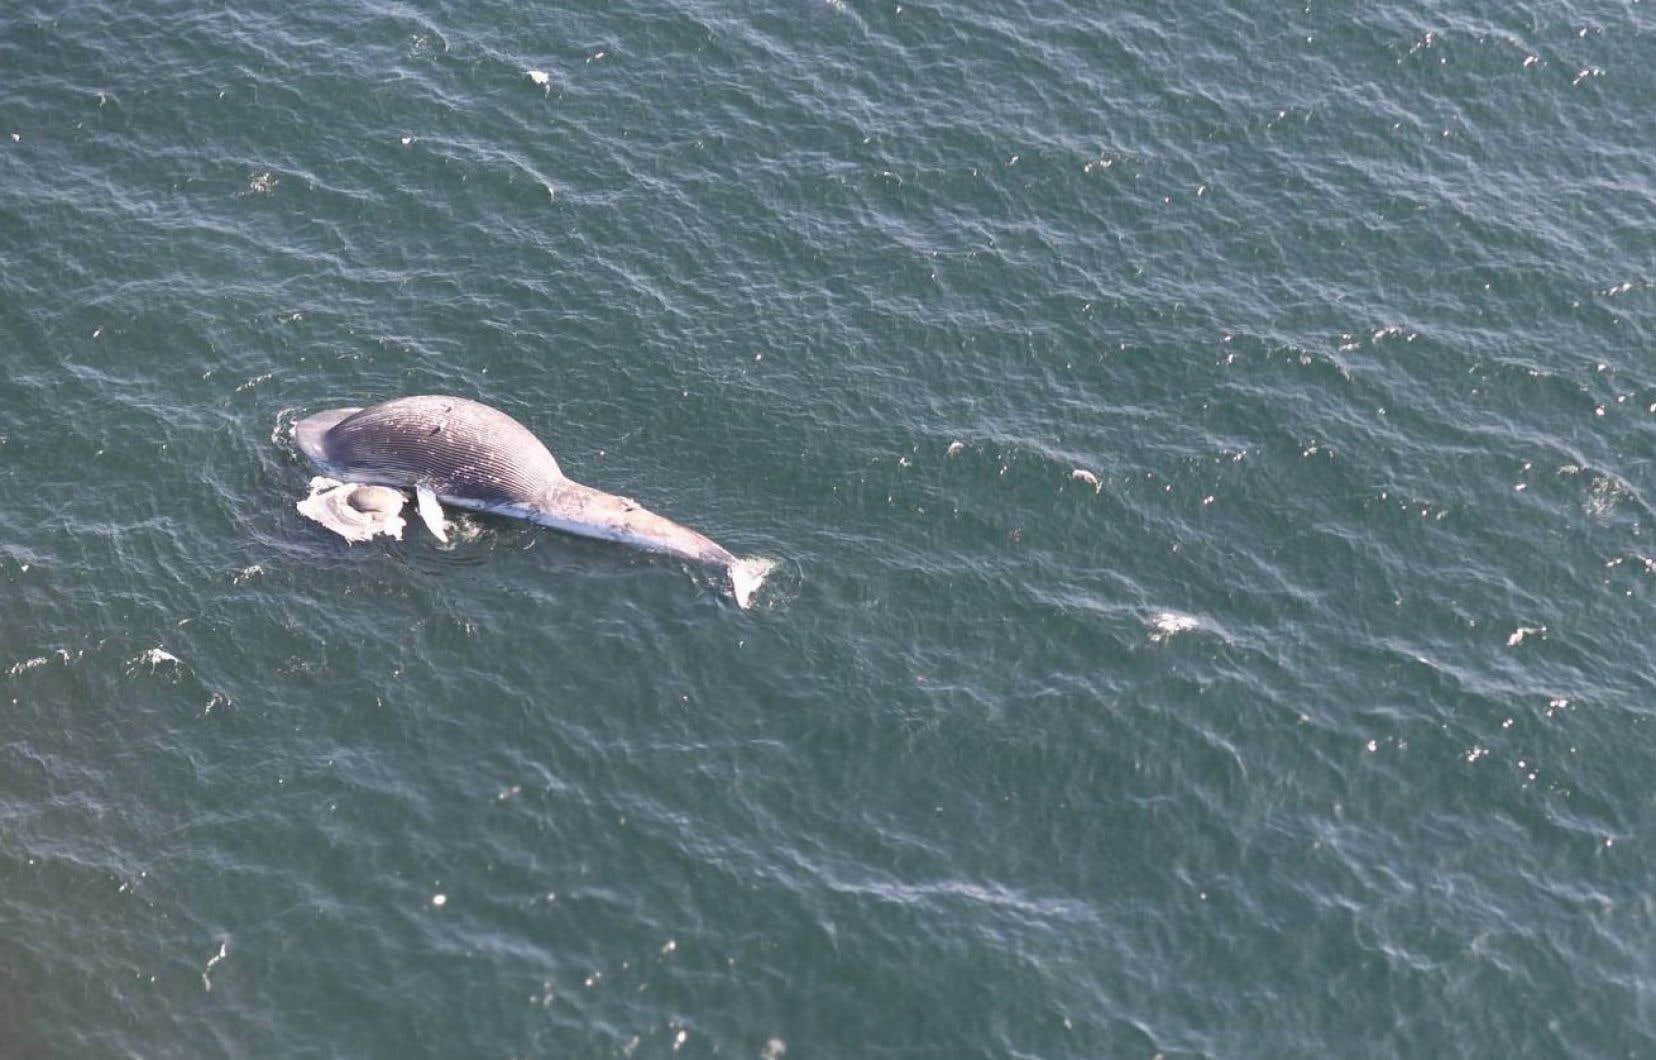 Pêches et Océans Canada a confirmé mardi qu'un deuxième rorqual bleu avait été trouvé mort dans le golfe du Saint-Laurent le mois dernier.